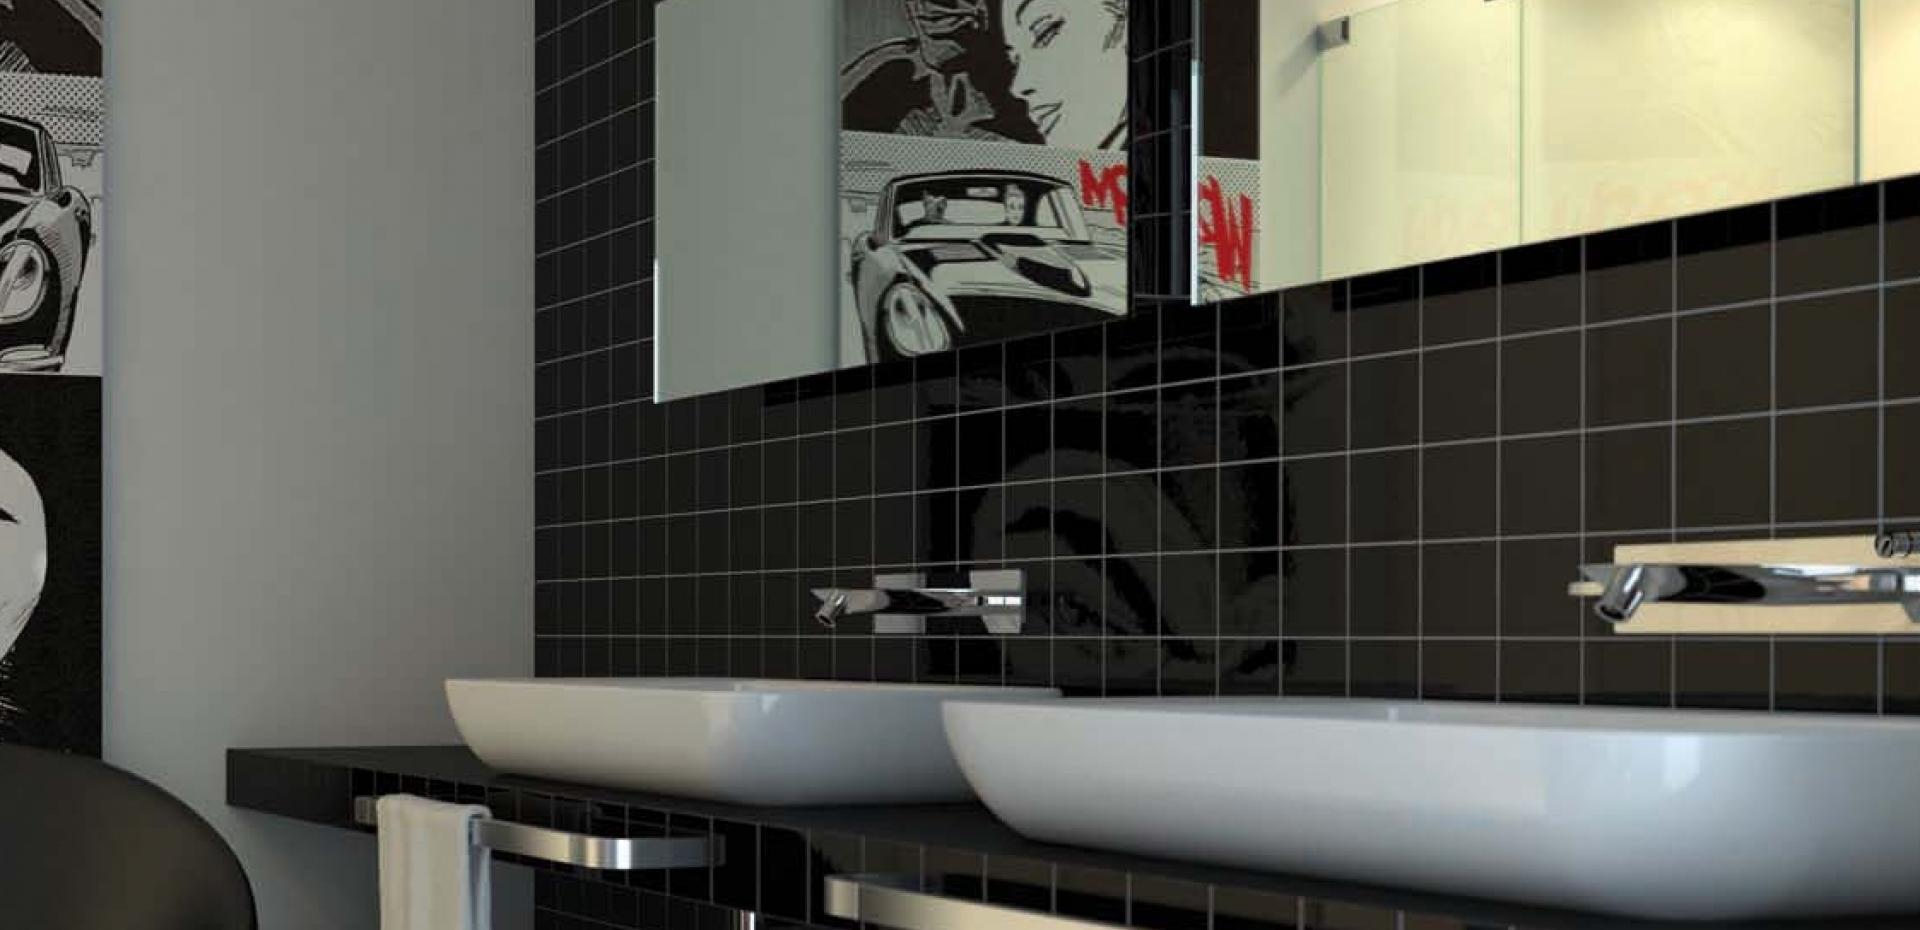 Collezione trasparenze piastrelle per rivestimento pareti - Piastrelle per pareti interne ...